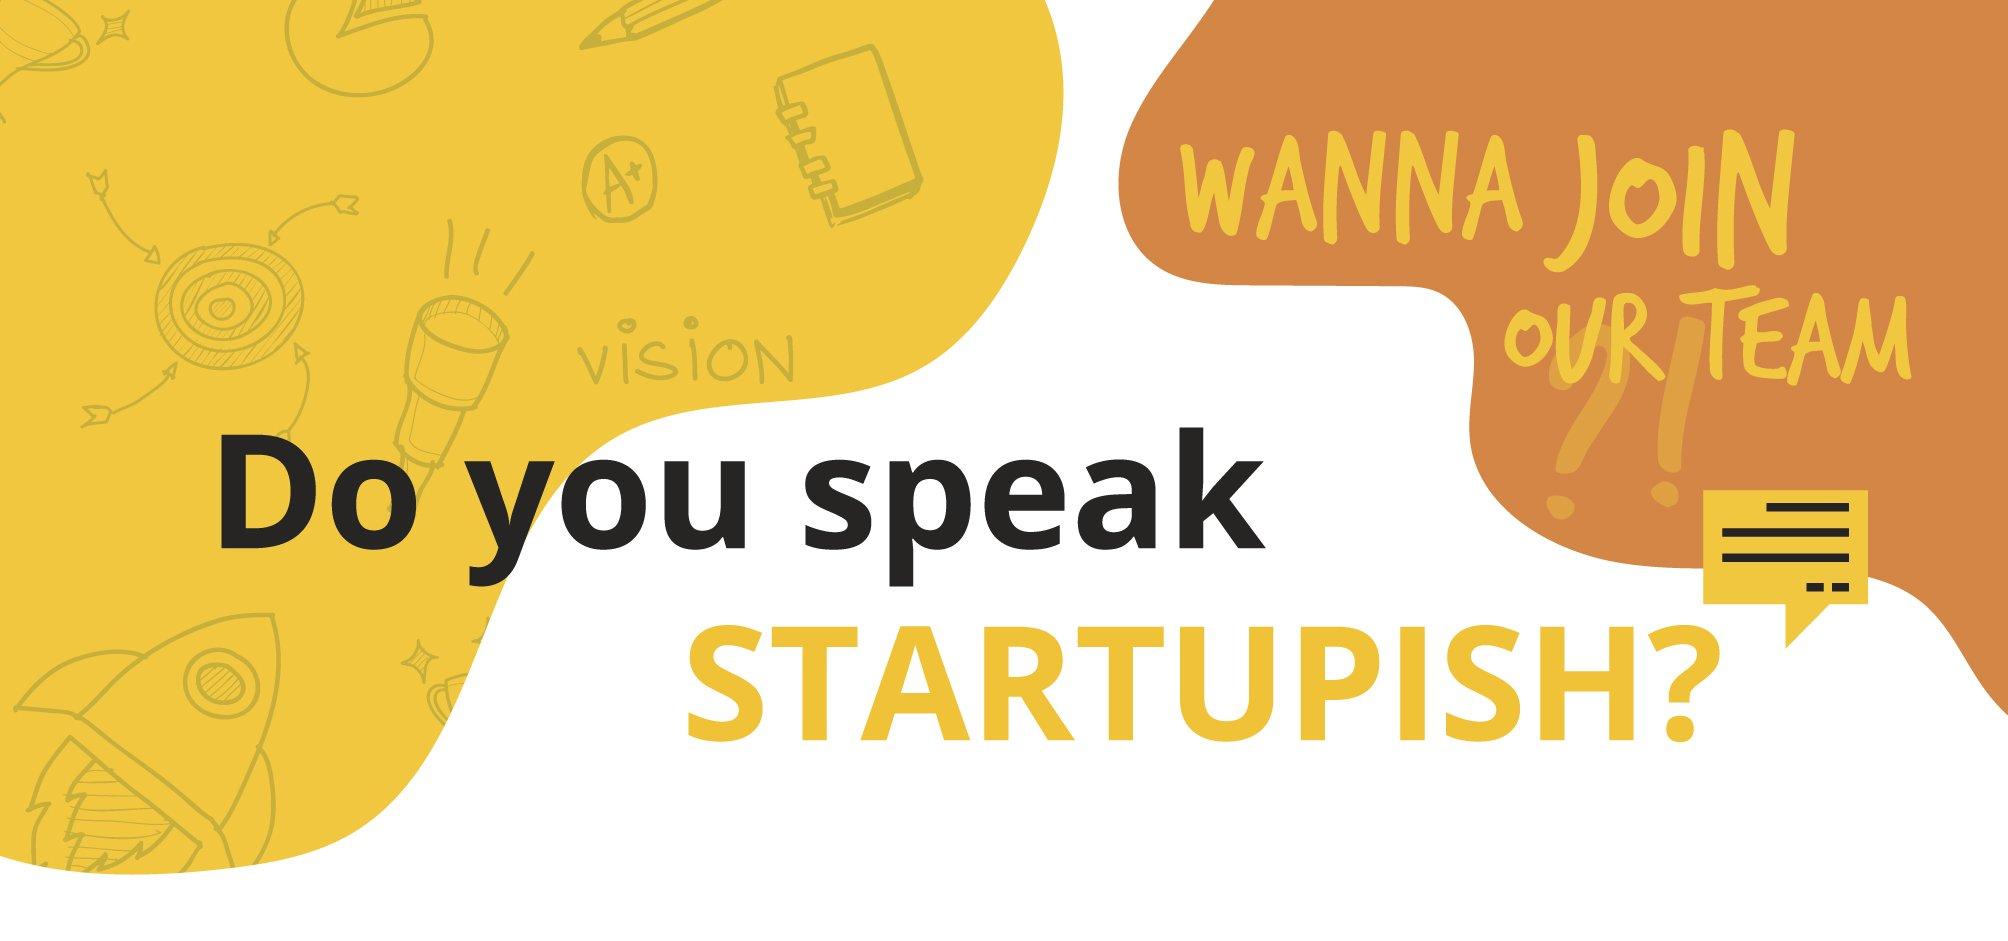 do you speak startupish